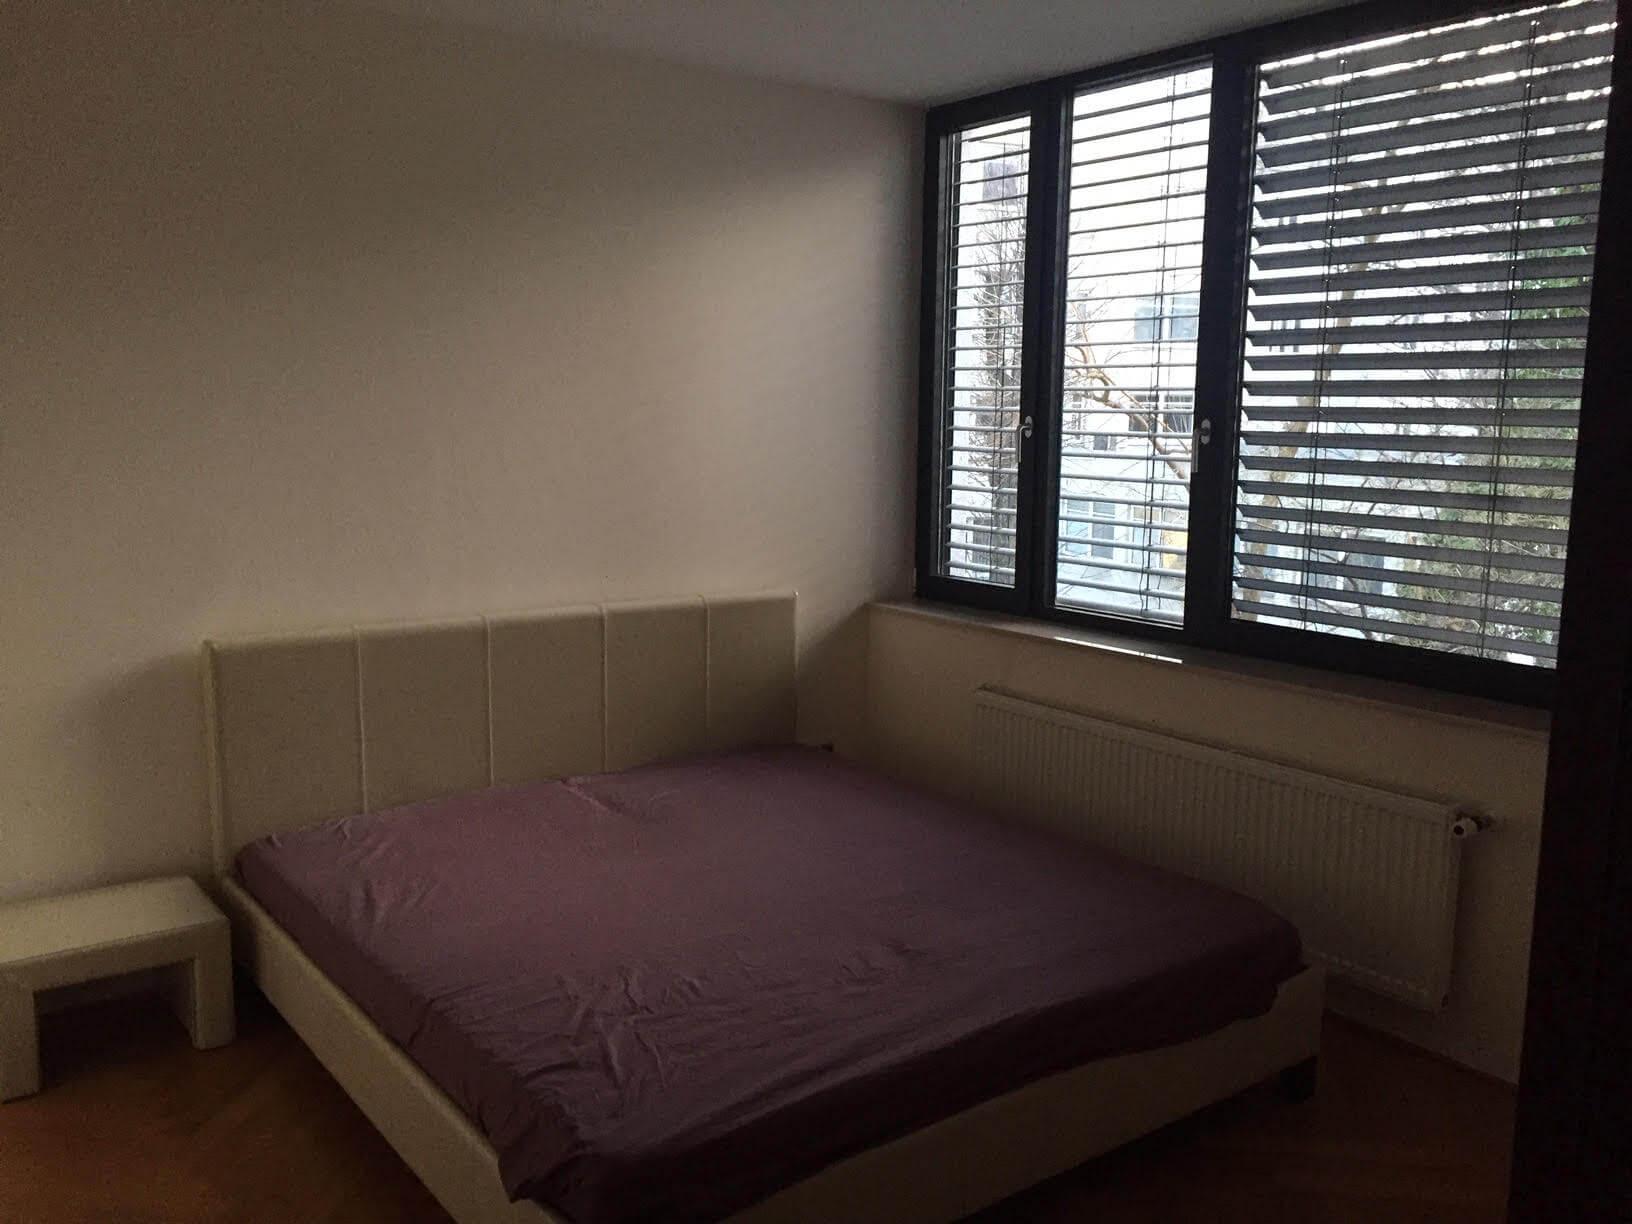 Luxusný 3 izbový byt v centre BA, 88m2, Dunajská 48, balkón 6m, garážové státie,klimatizácia, krb-6